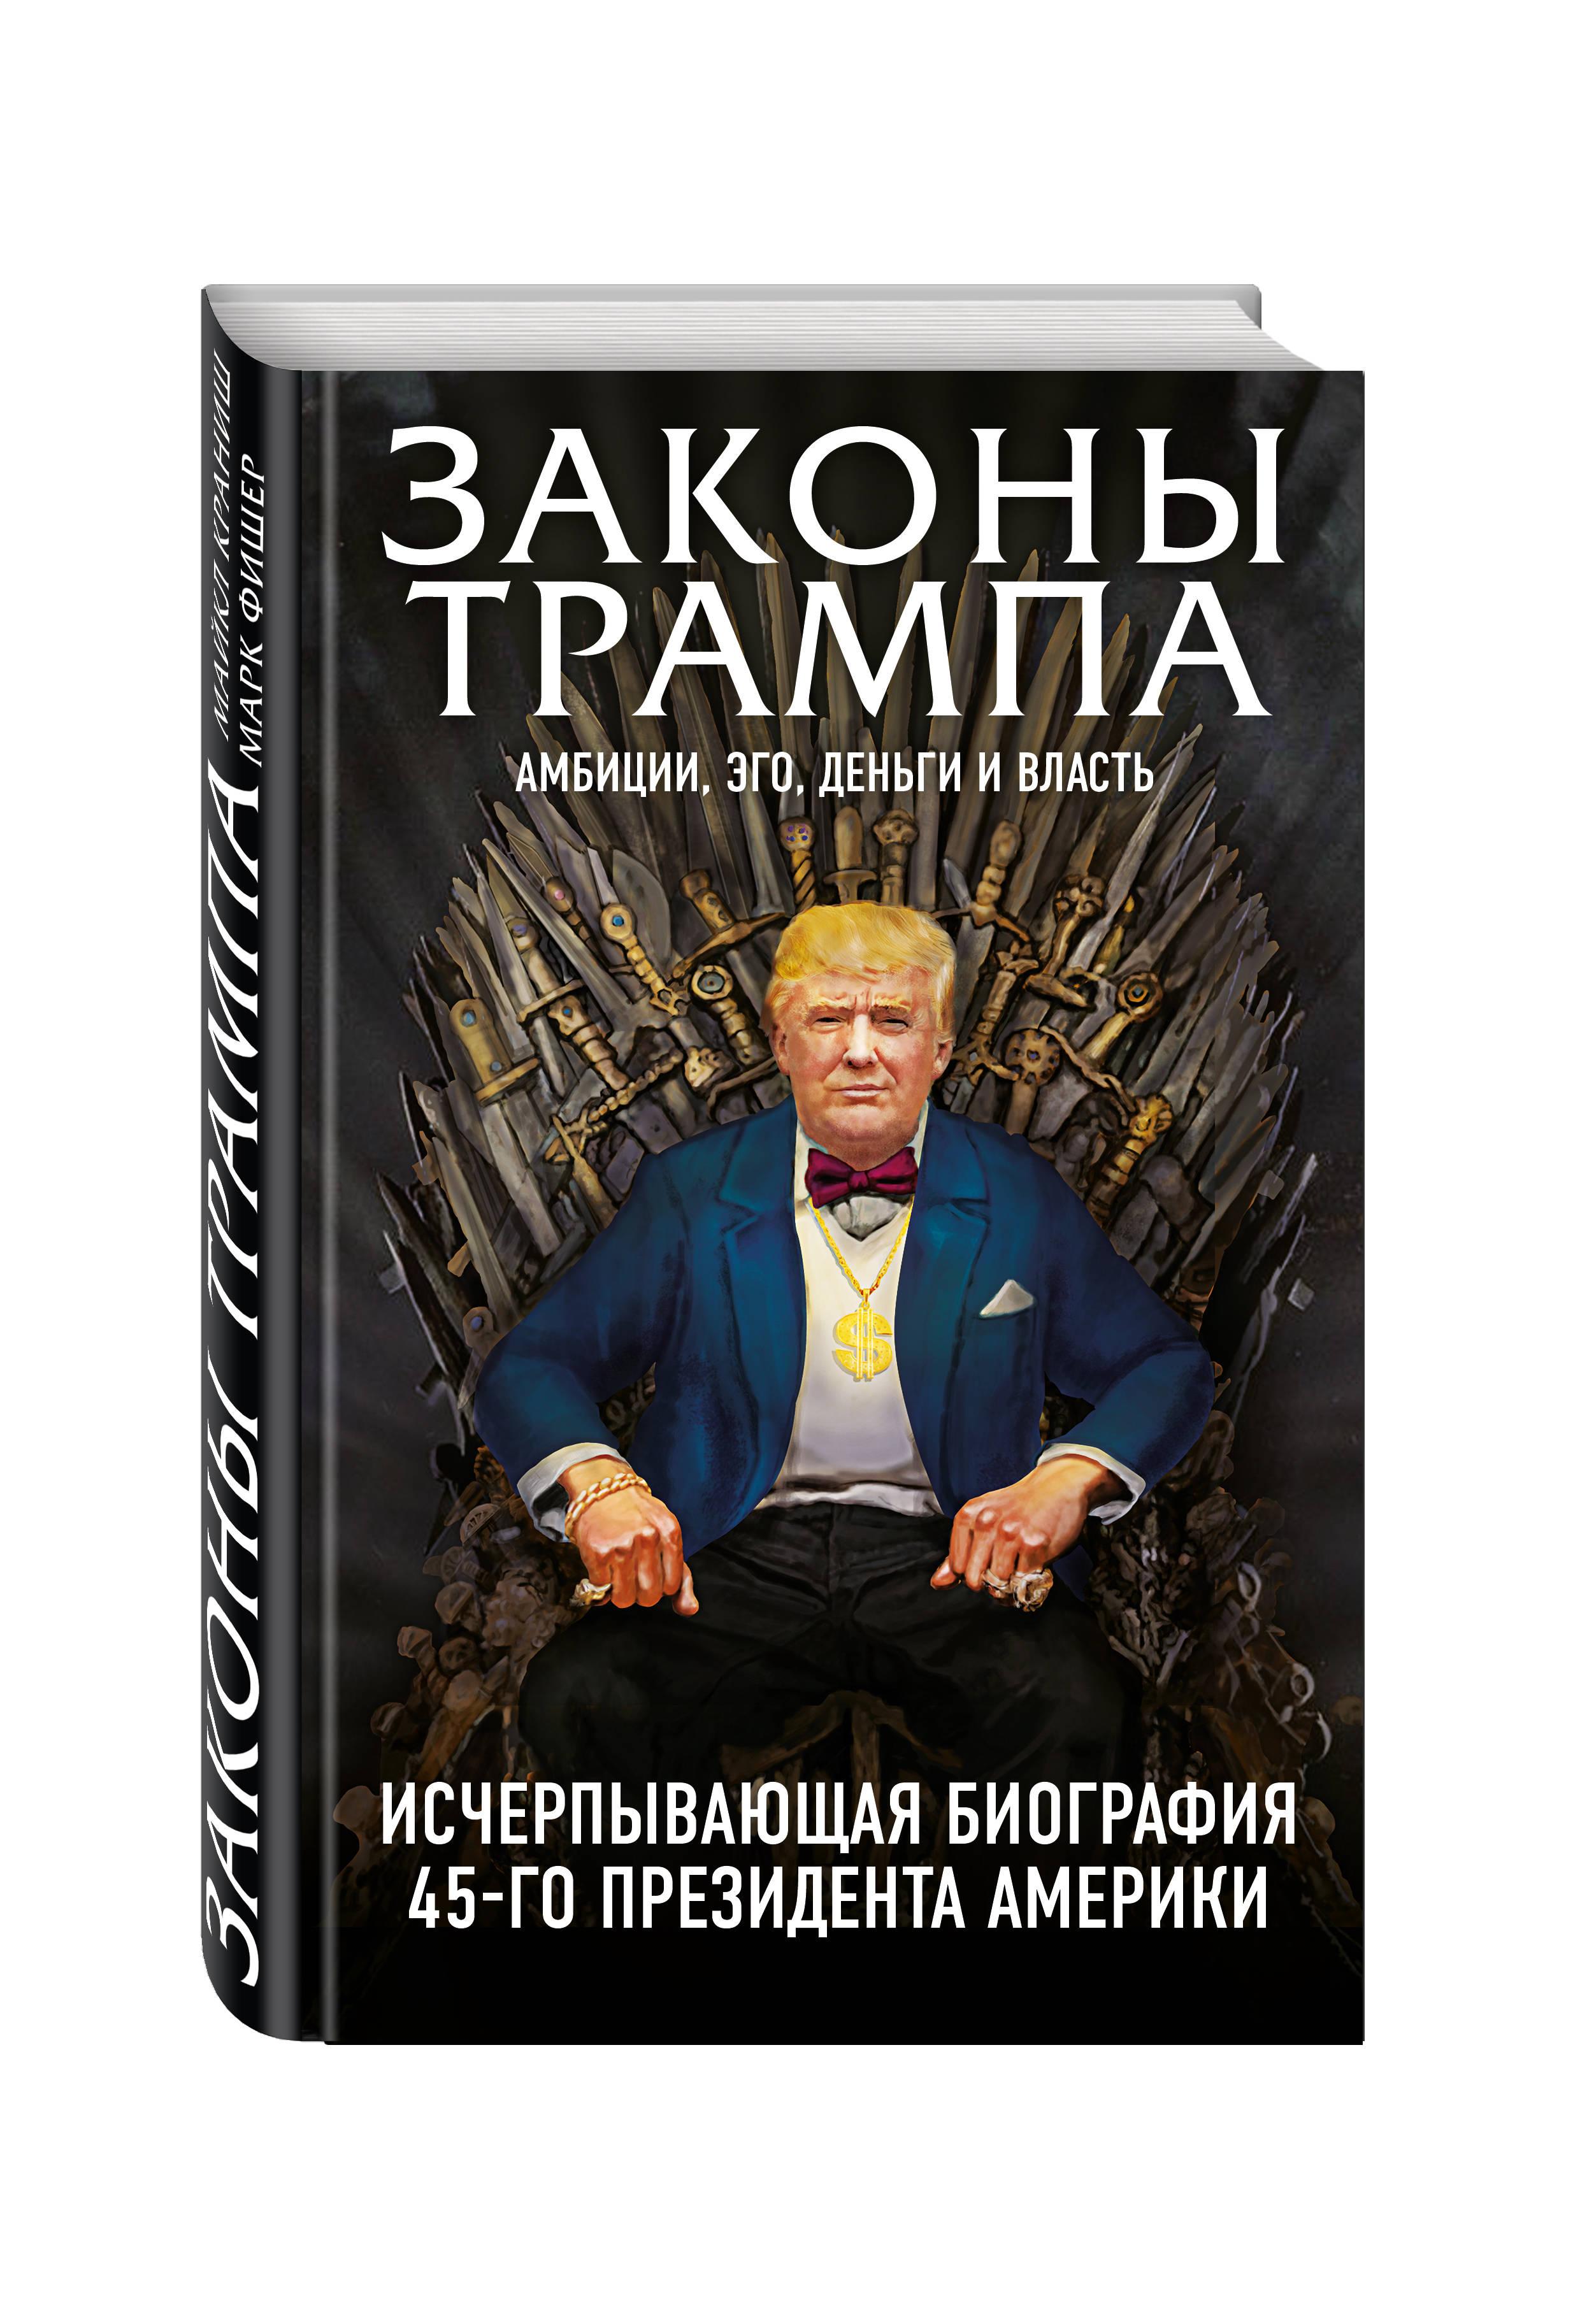 Законы Трампа: амбиции, эго, деньги и власть ( Краниш М., Фишер М.  )